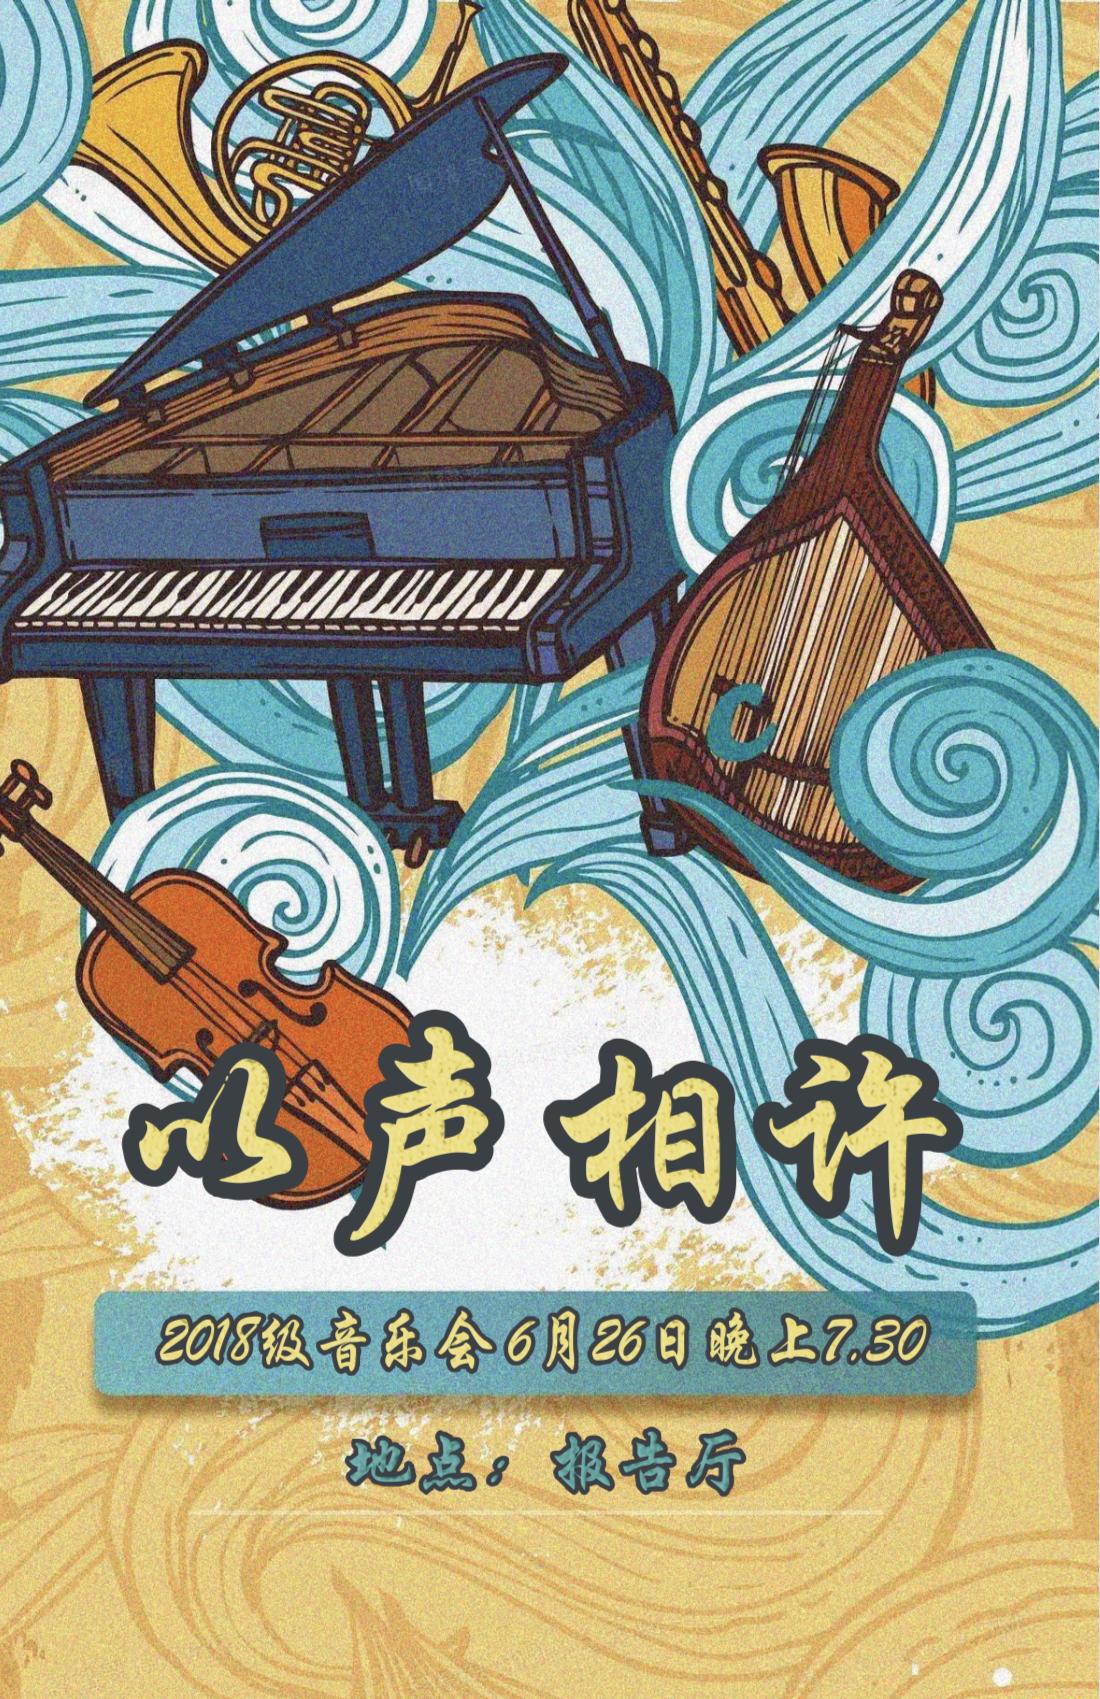 18级音乐学 艺术实践音乐会